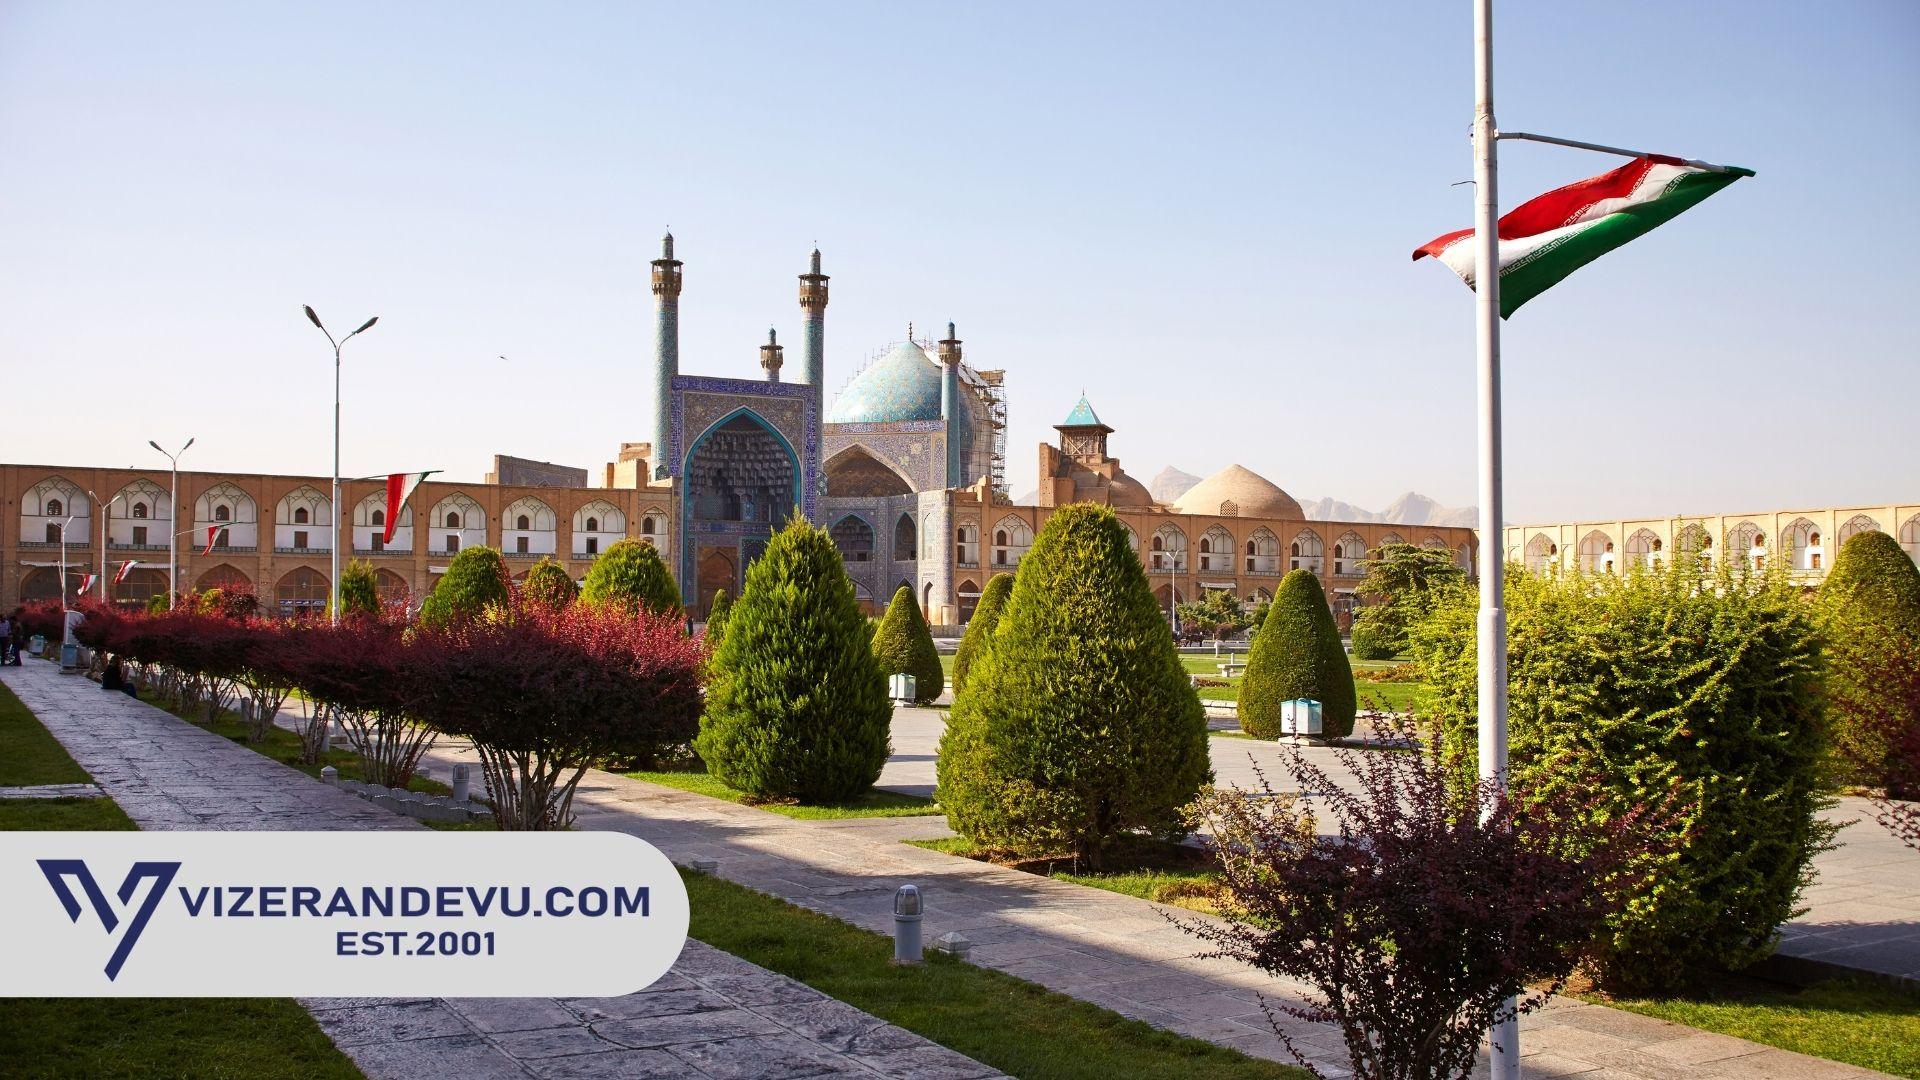 İran Vizesi: Randevu ve Başvuru (2021)